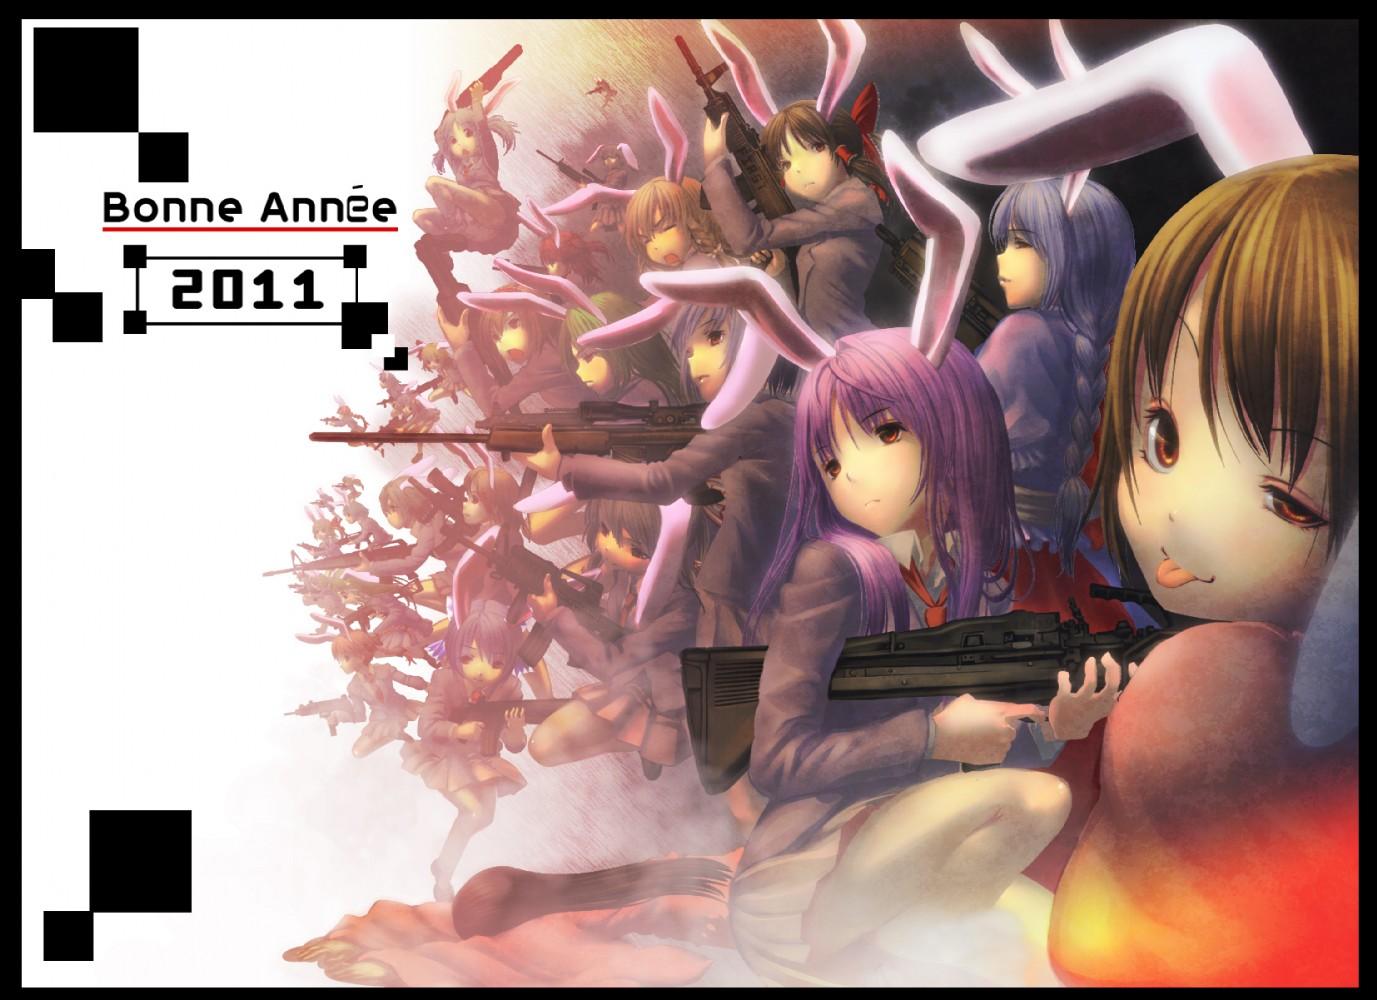 壁紙 バニーガール ウサギの耳 アニメ ダウンロード 写真